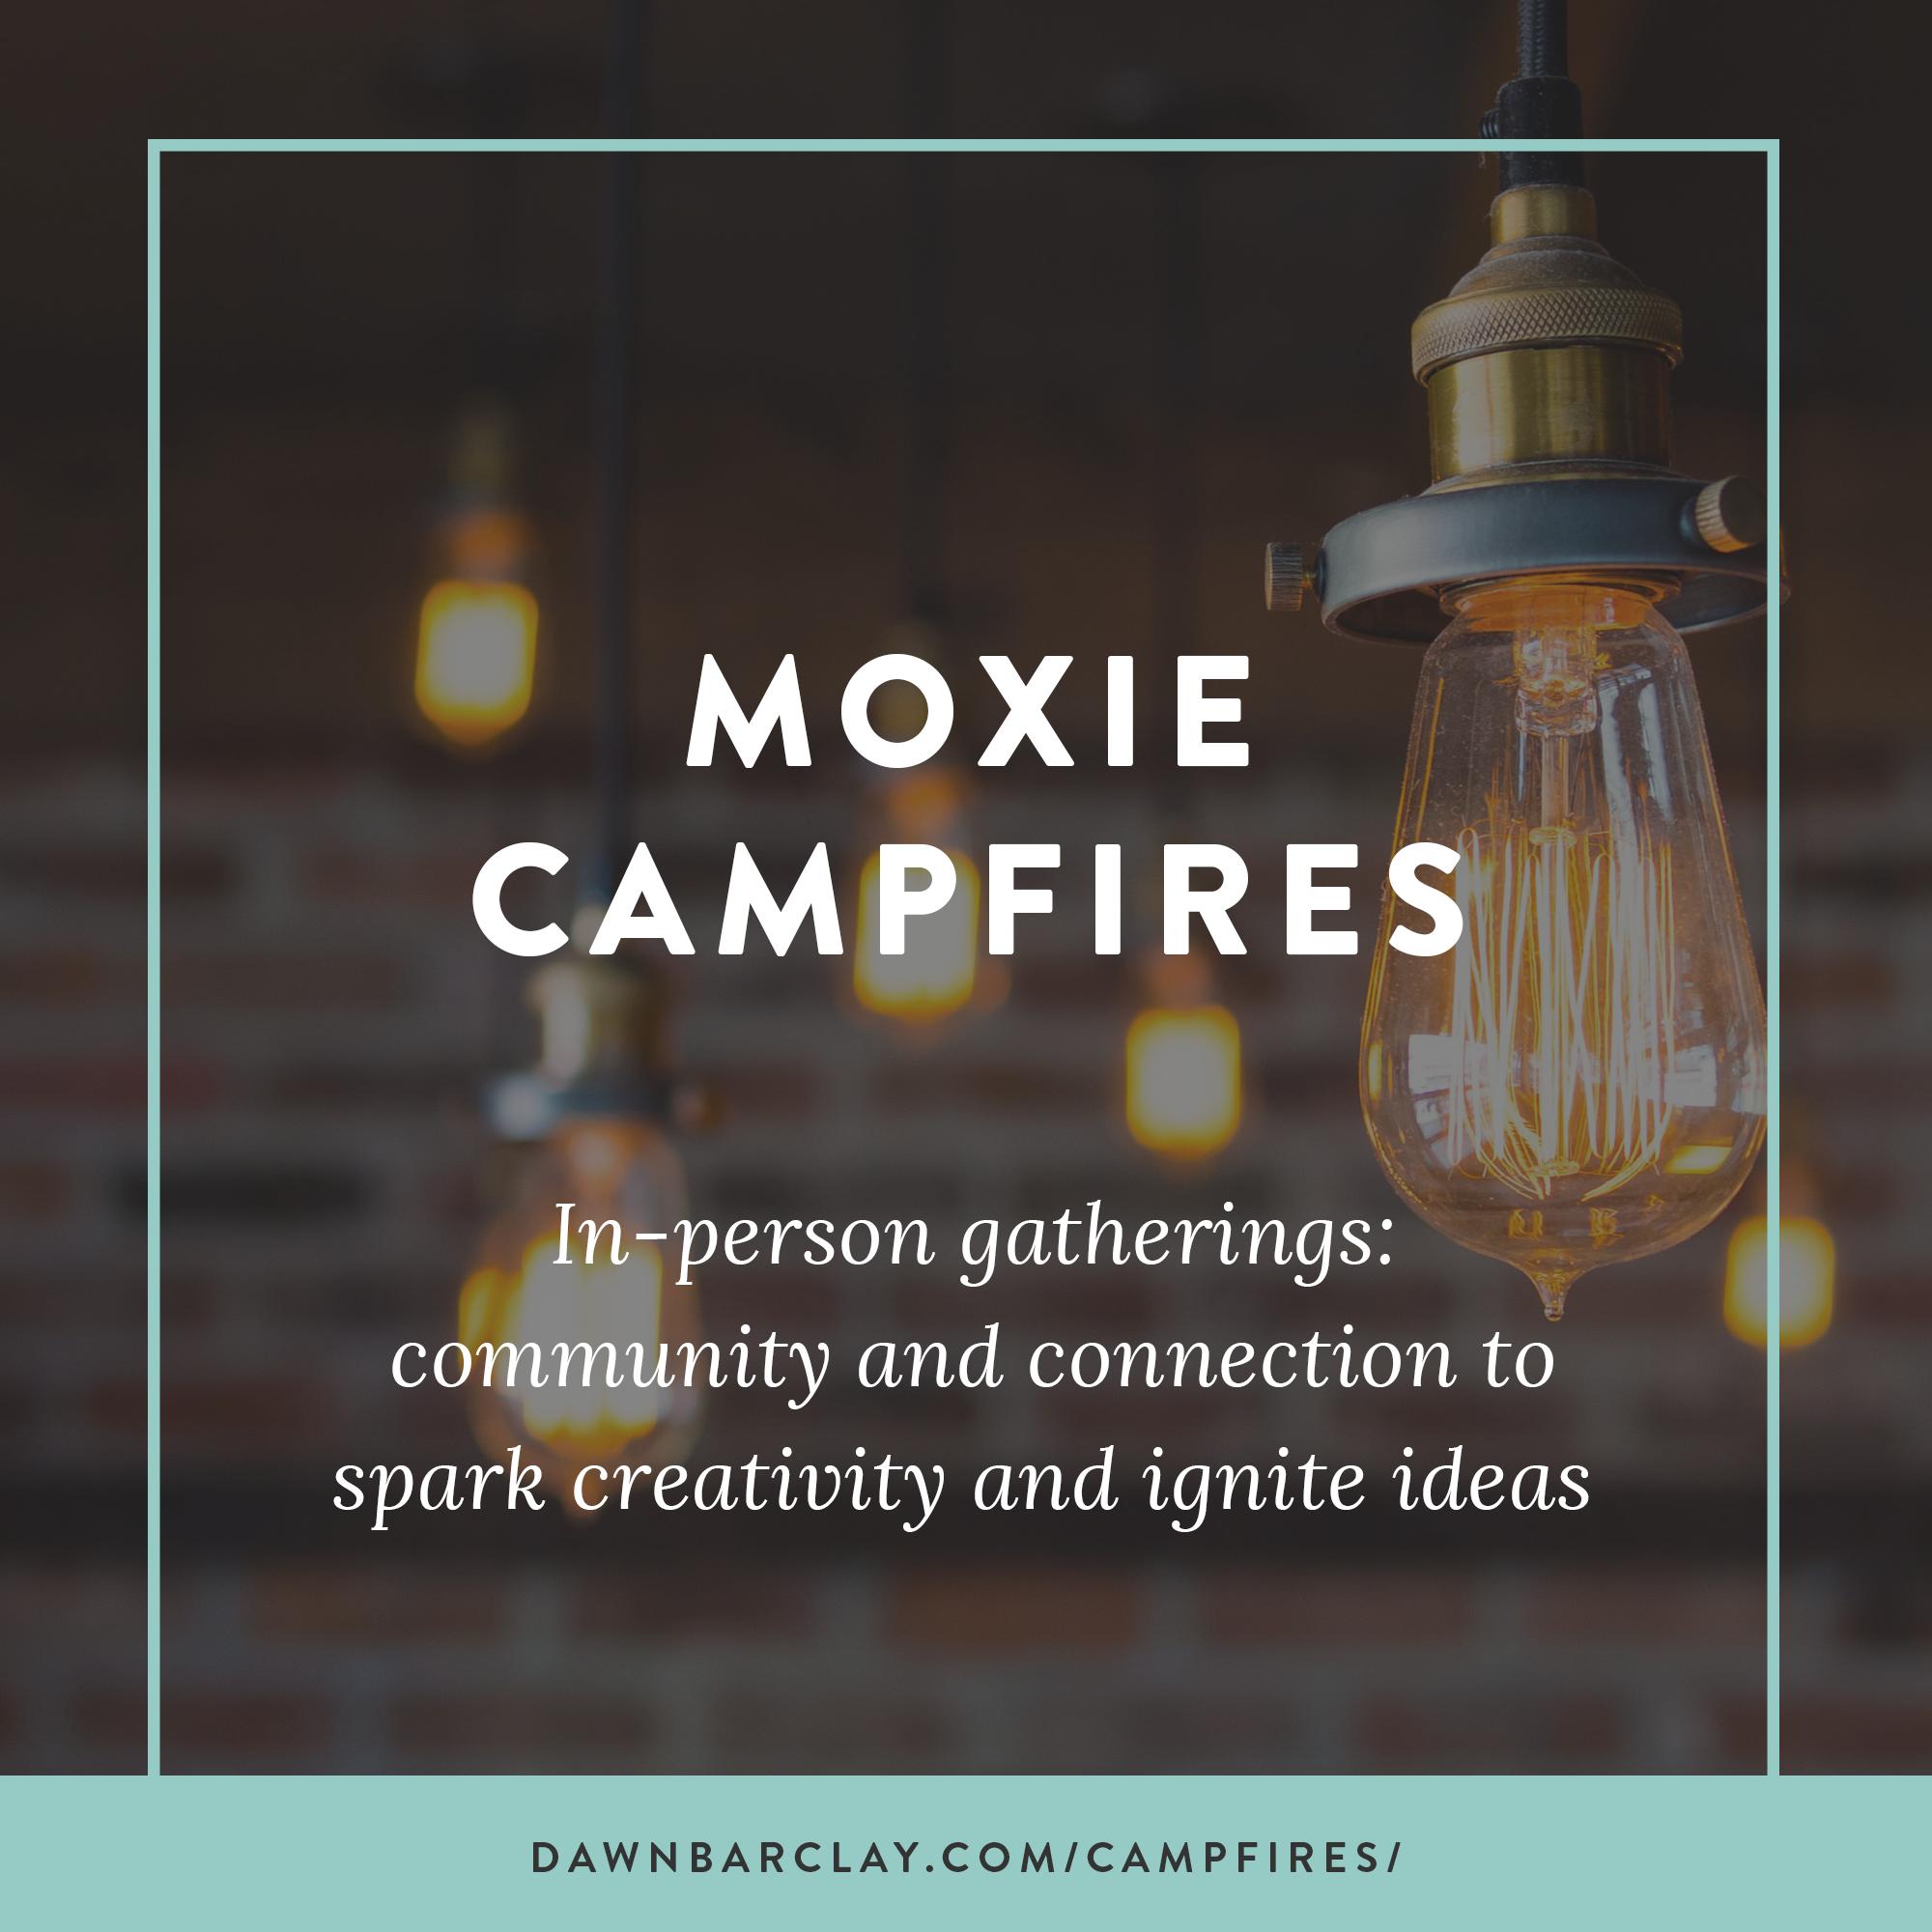 moxie-campfires